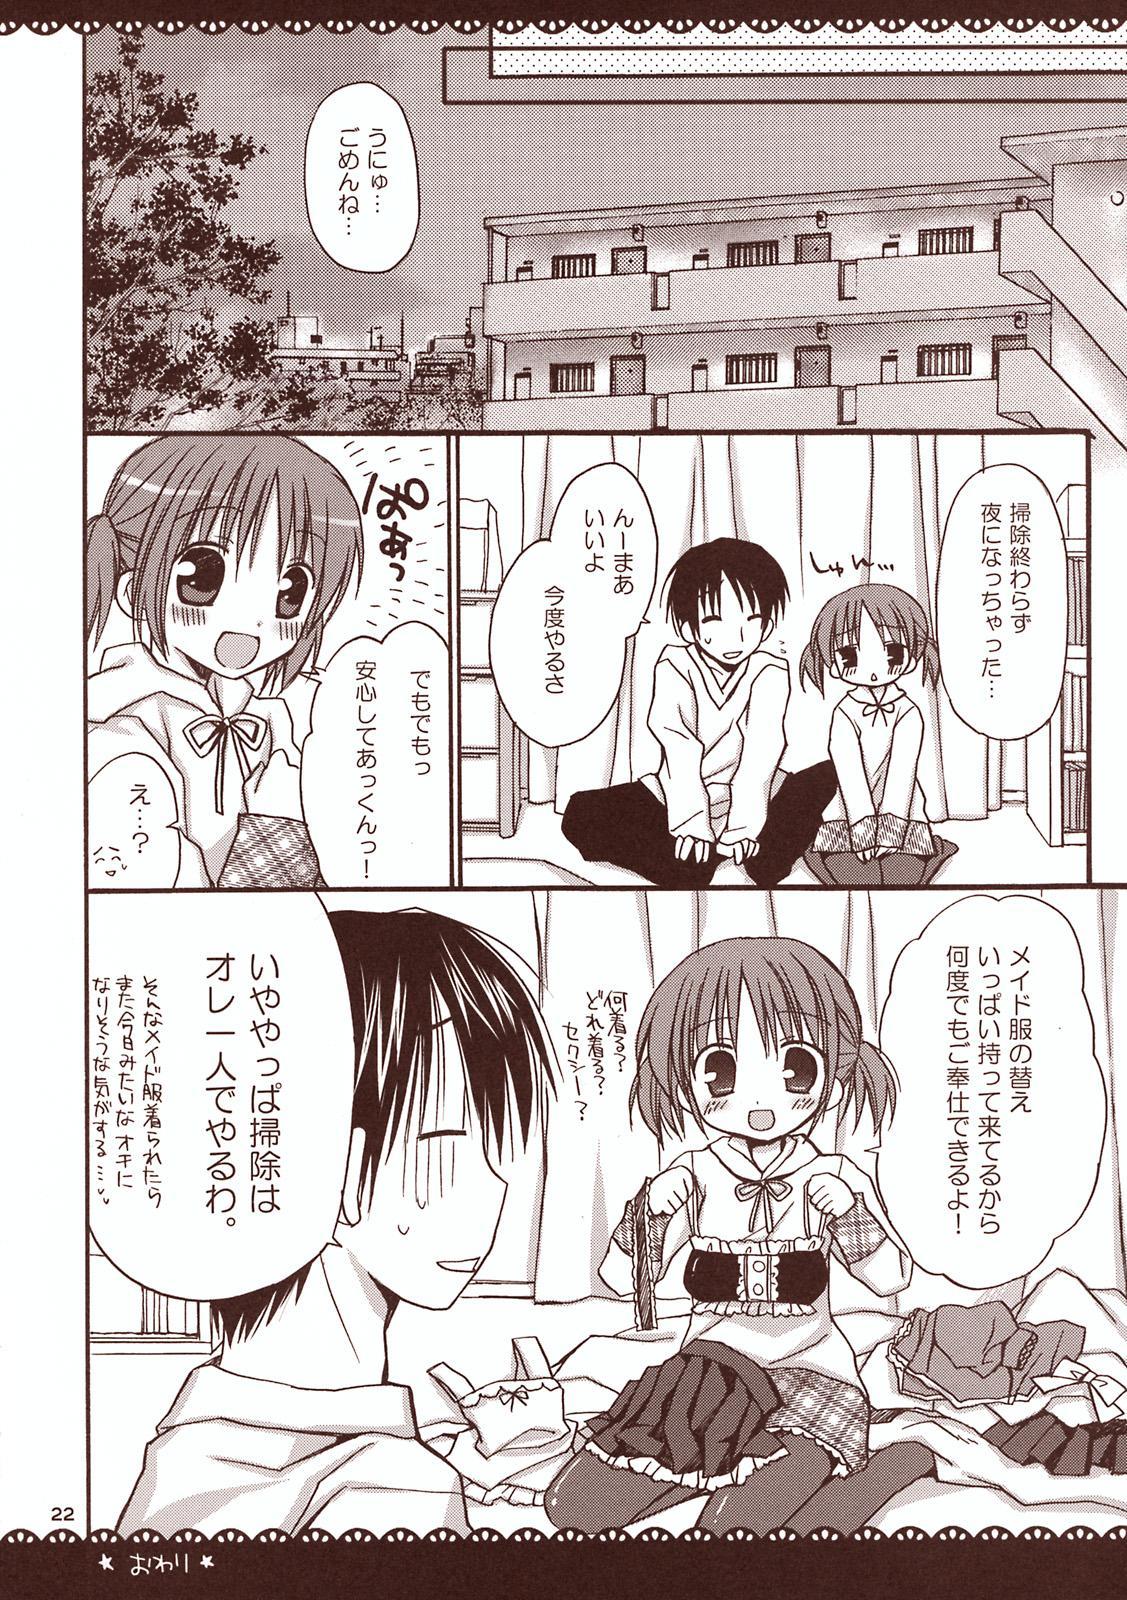 Maid-san to Amai Jikan 20